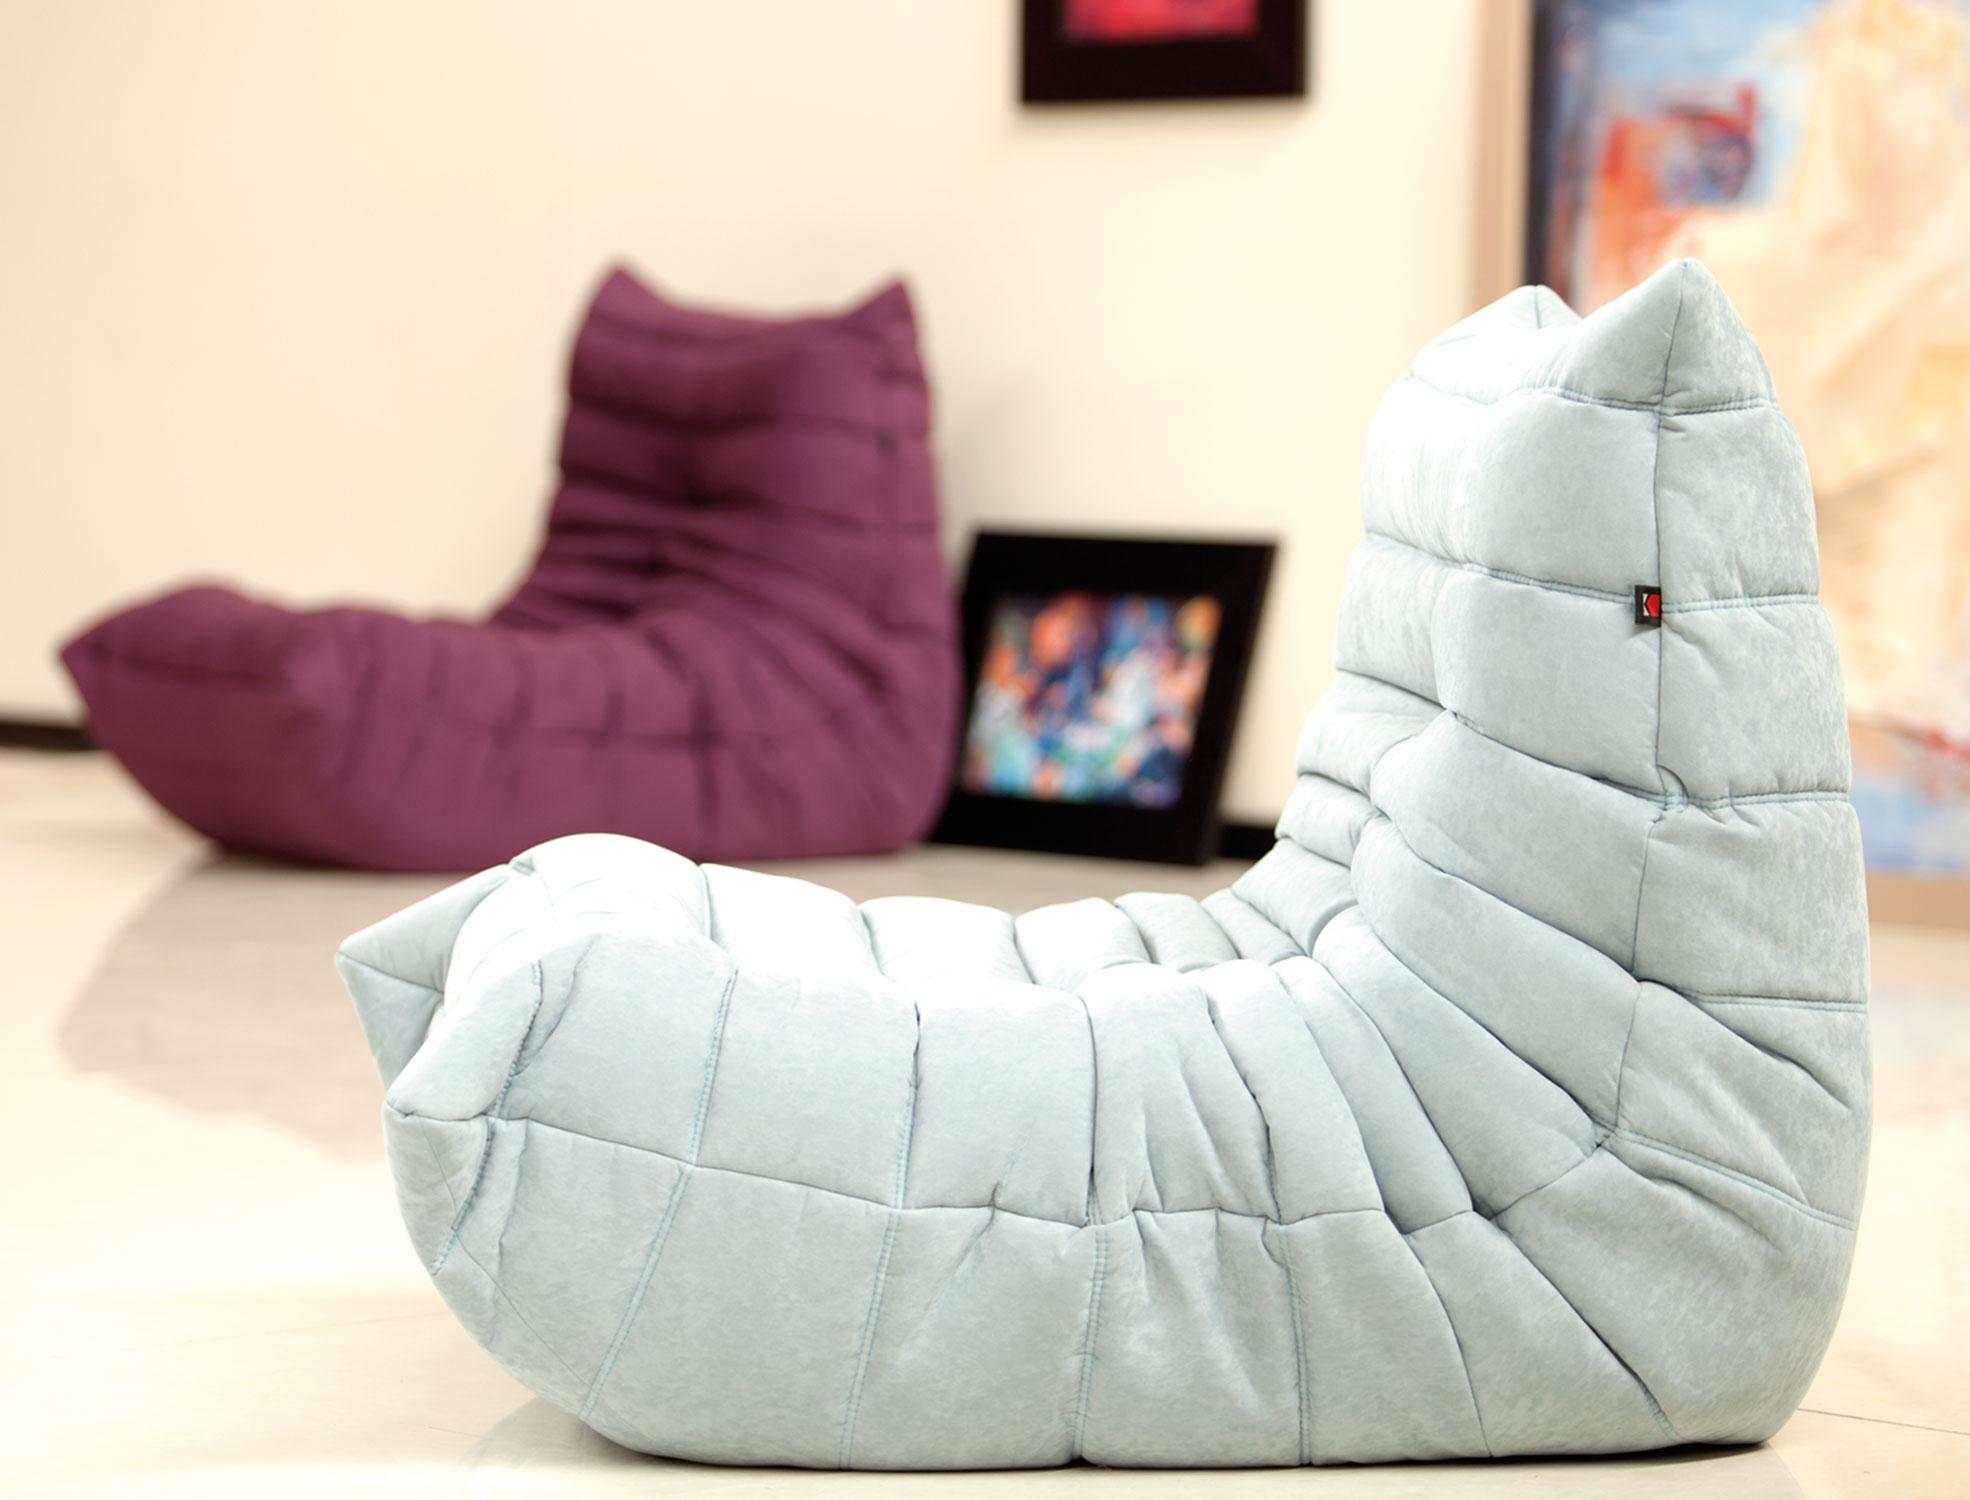 ١١نکته درباره کاناپه ھای تخت خواب شو